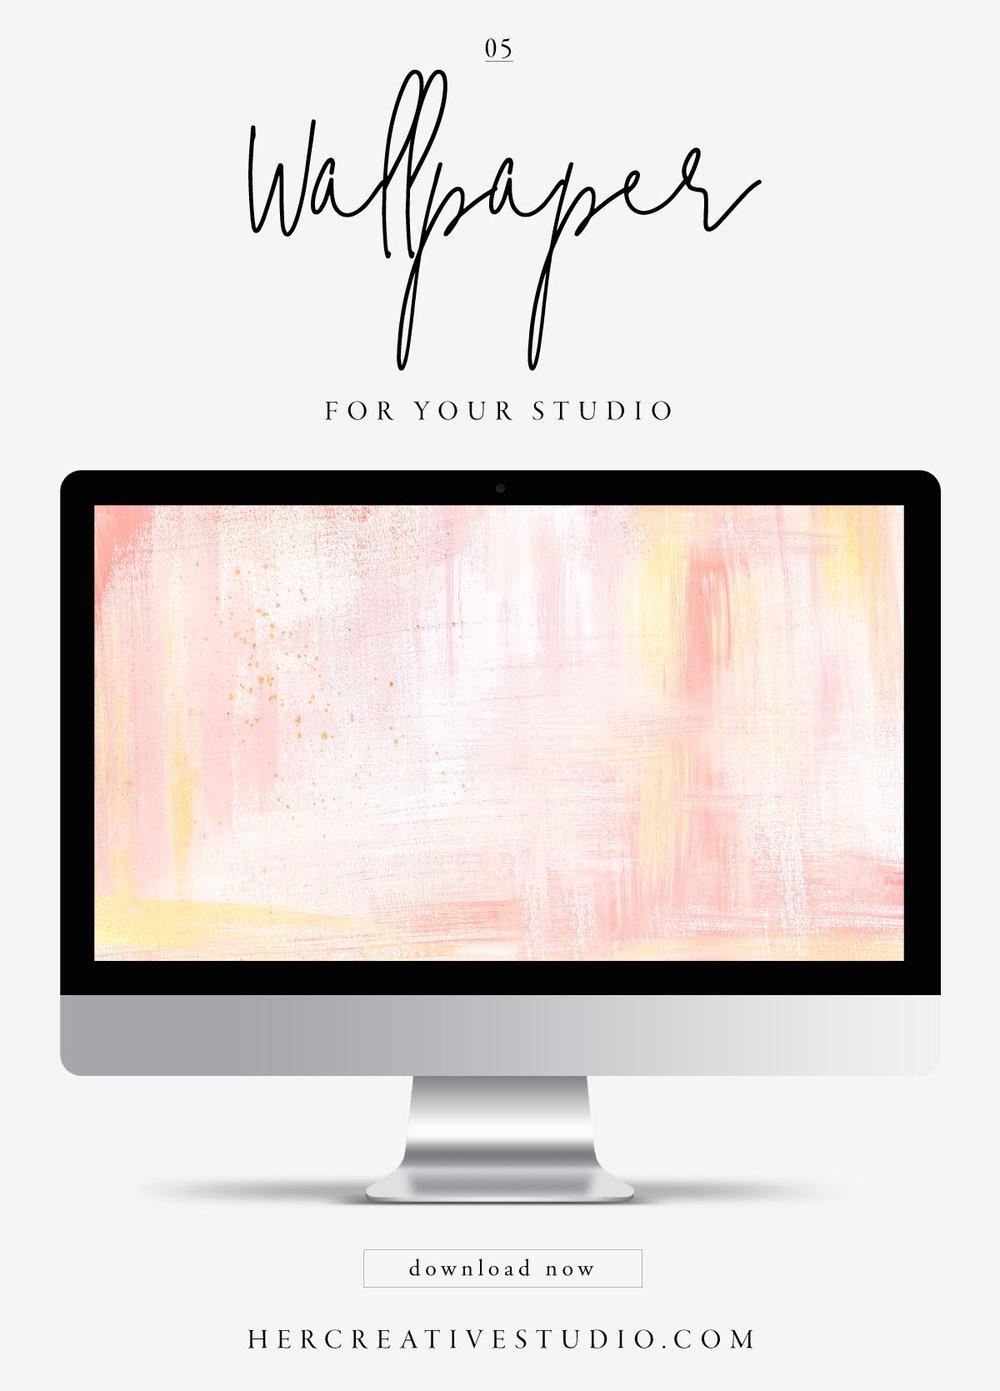 FREE Desktop Wallpaper from Her Creative Studio